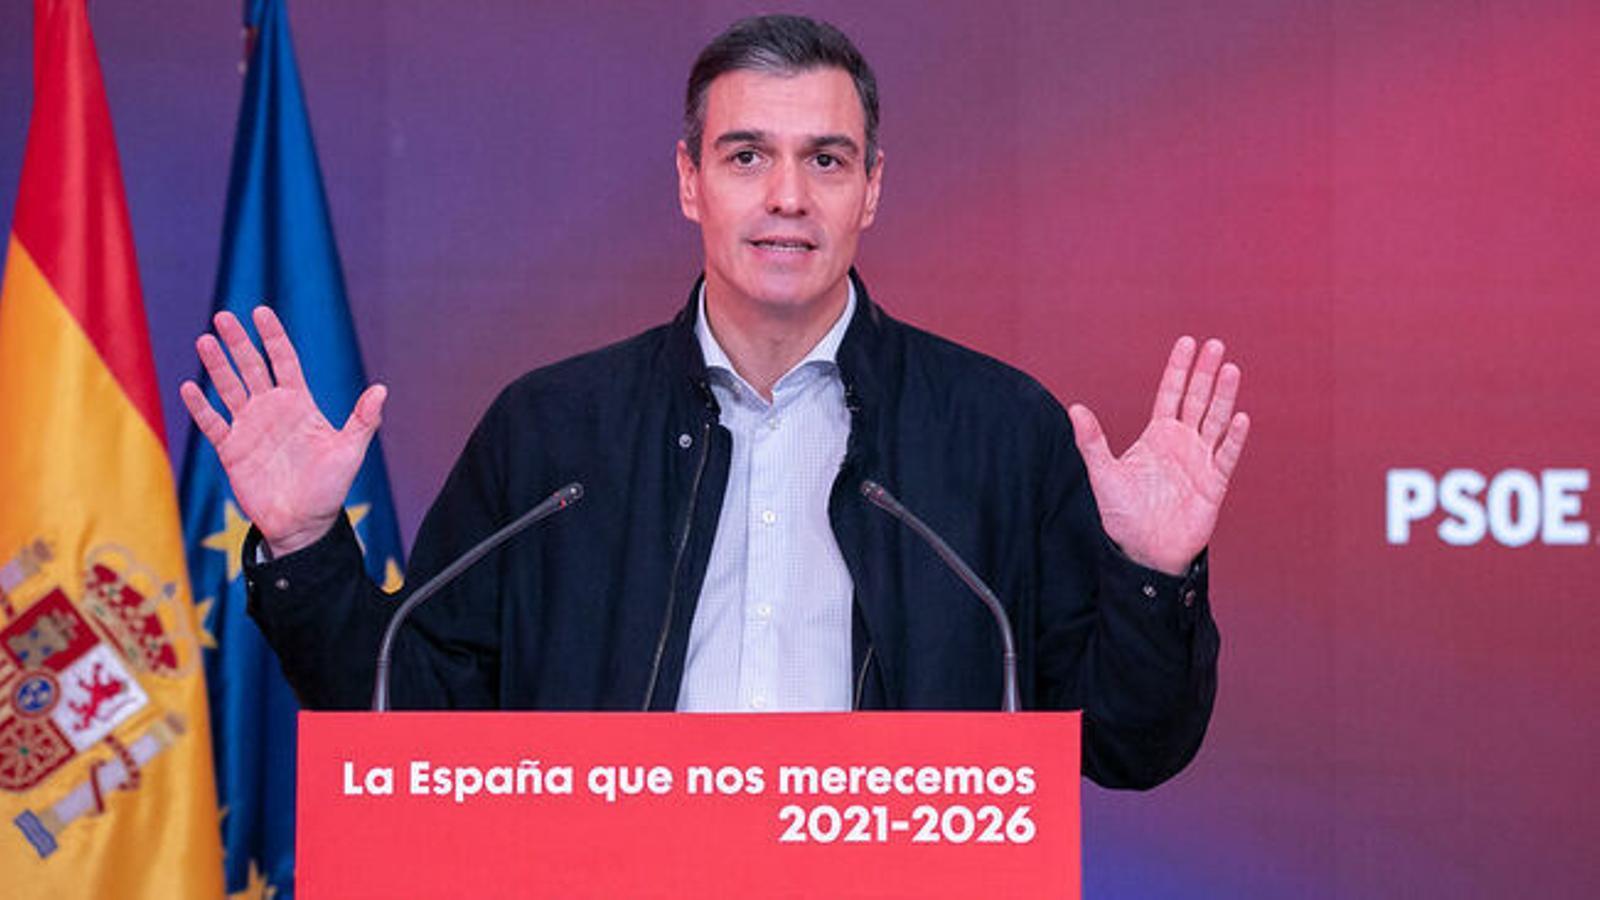 del-Pedro-Sanchez-compareixenca-PSOE_2571952946_75905161_651x366